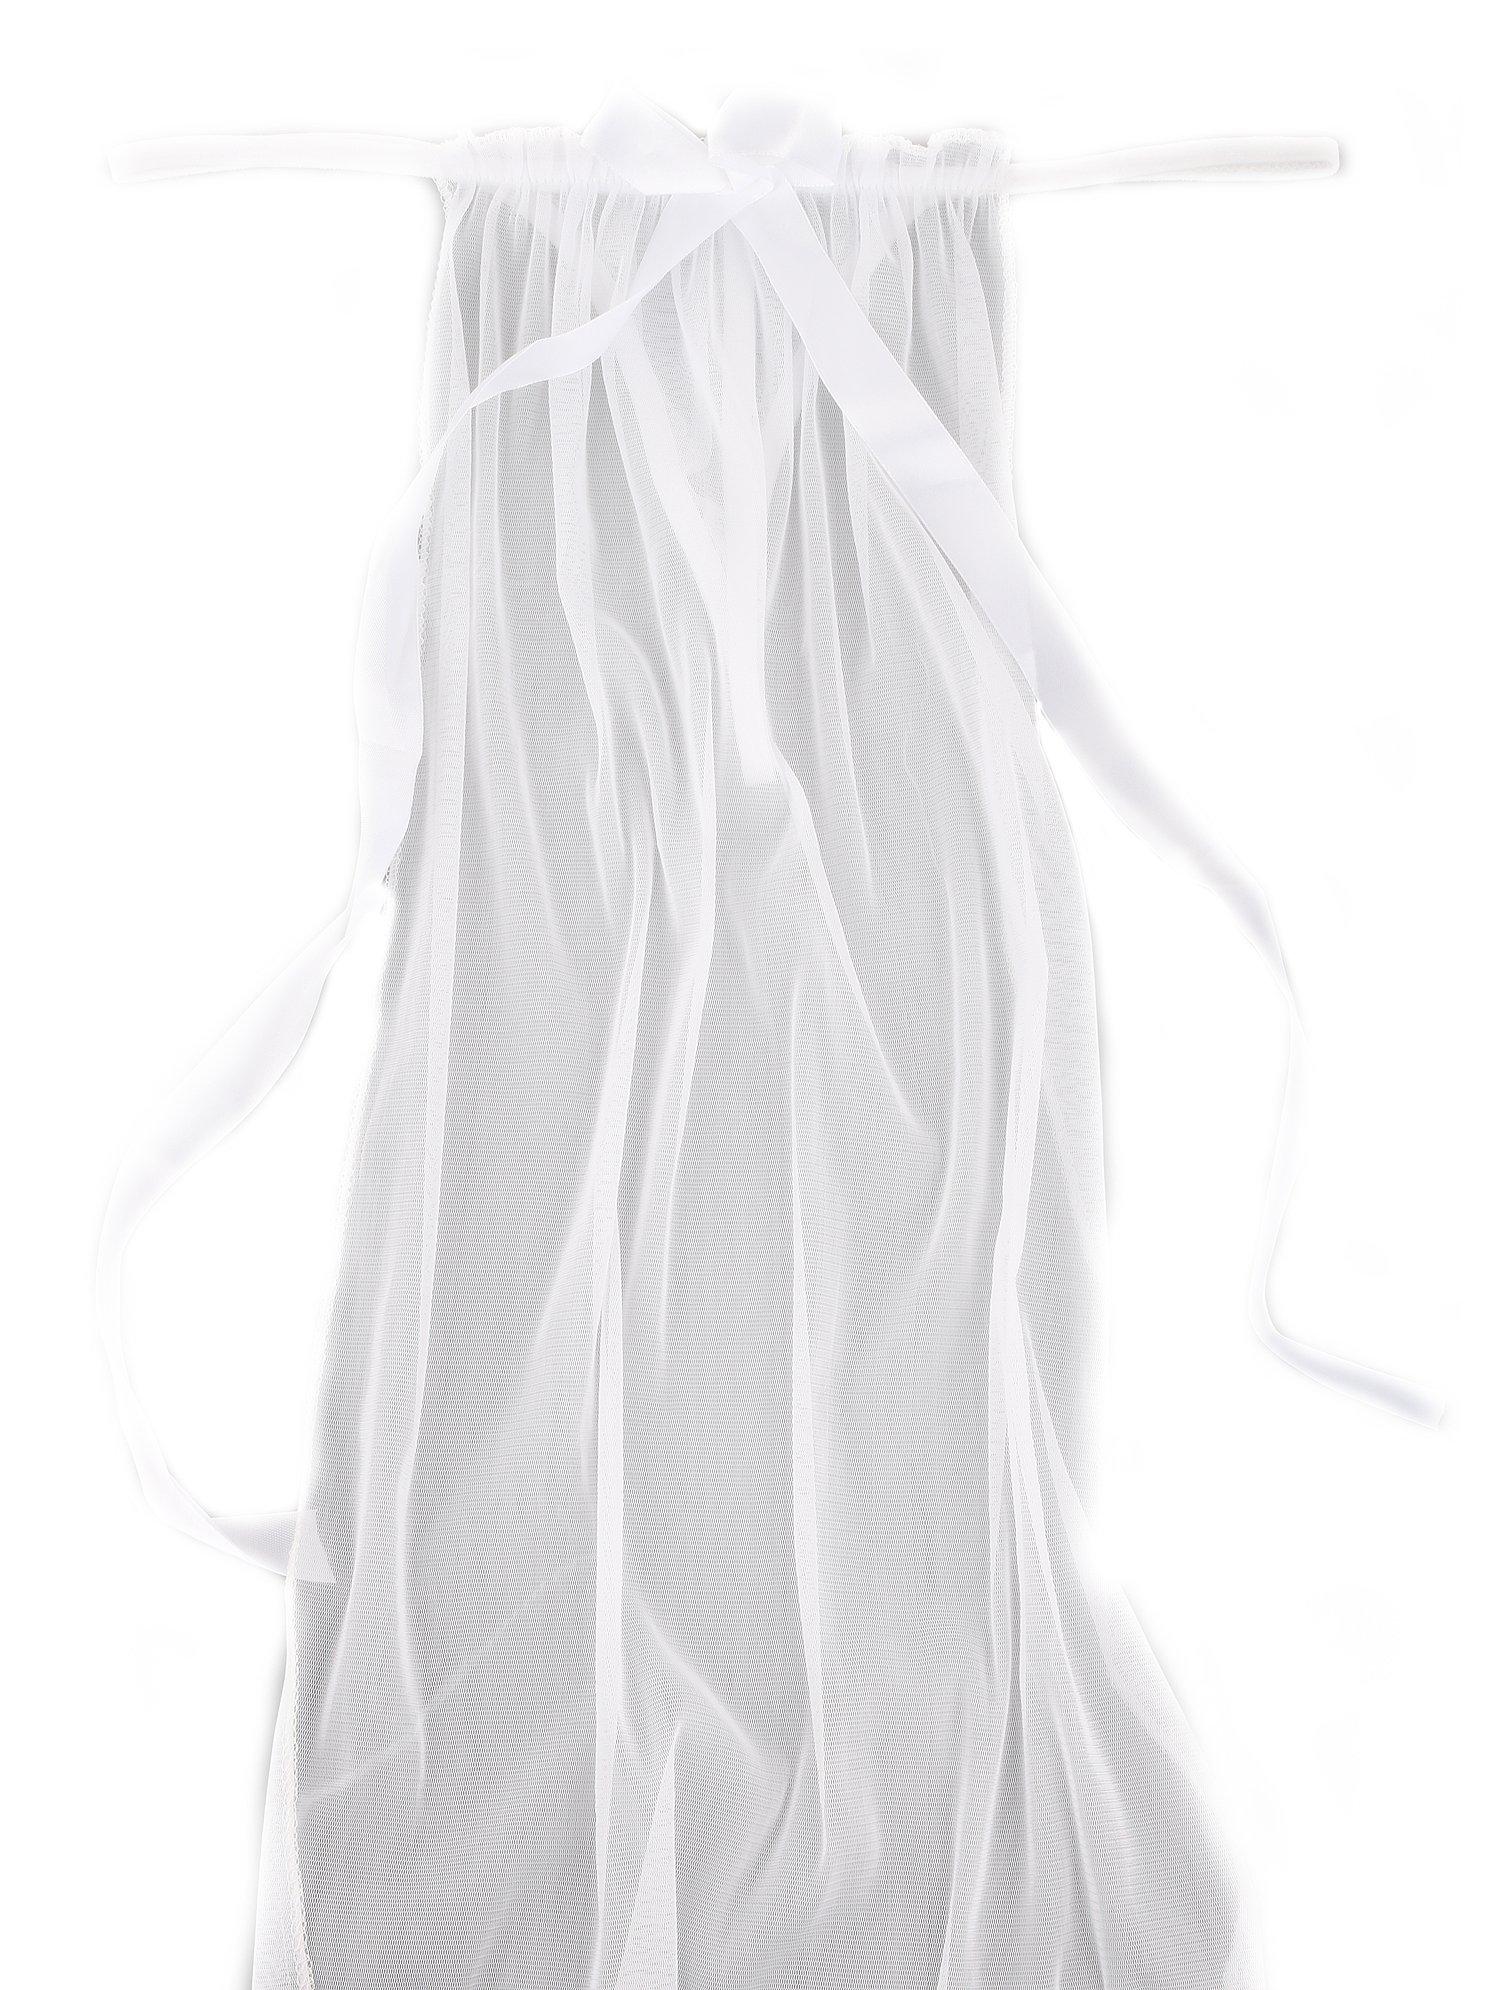 Winfunup Women Sexy Briefs Tulle G String Bride Underwear Wedding accessories